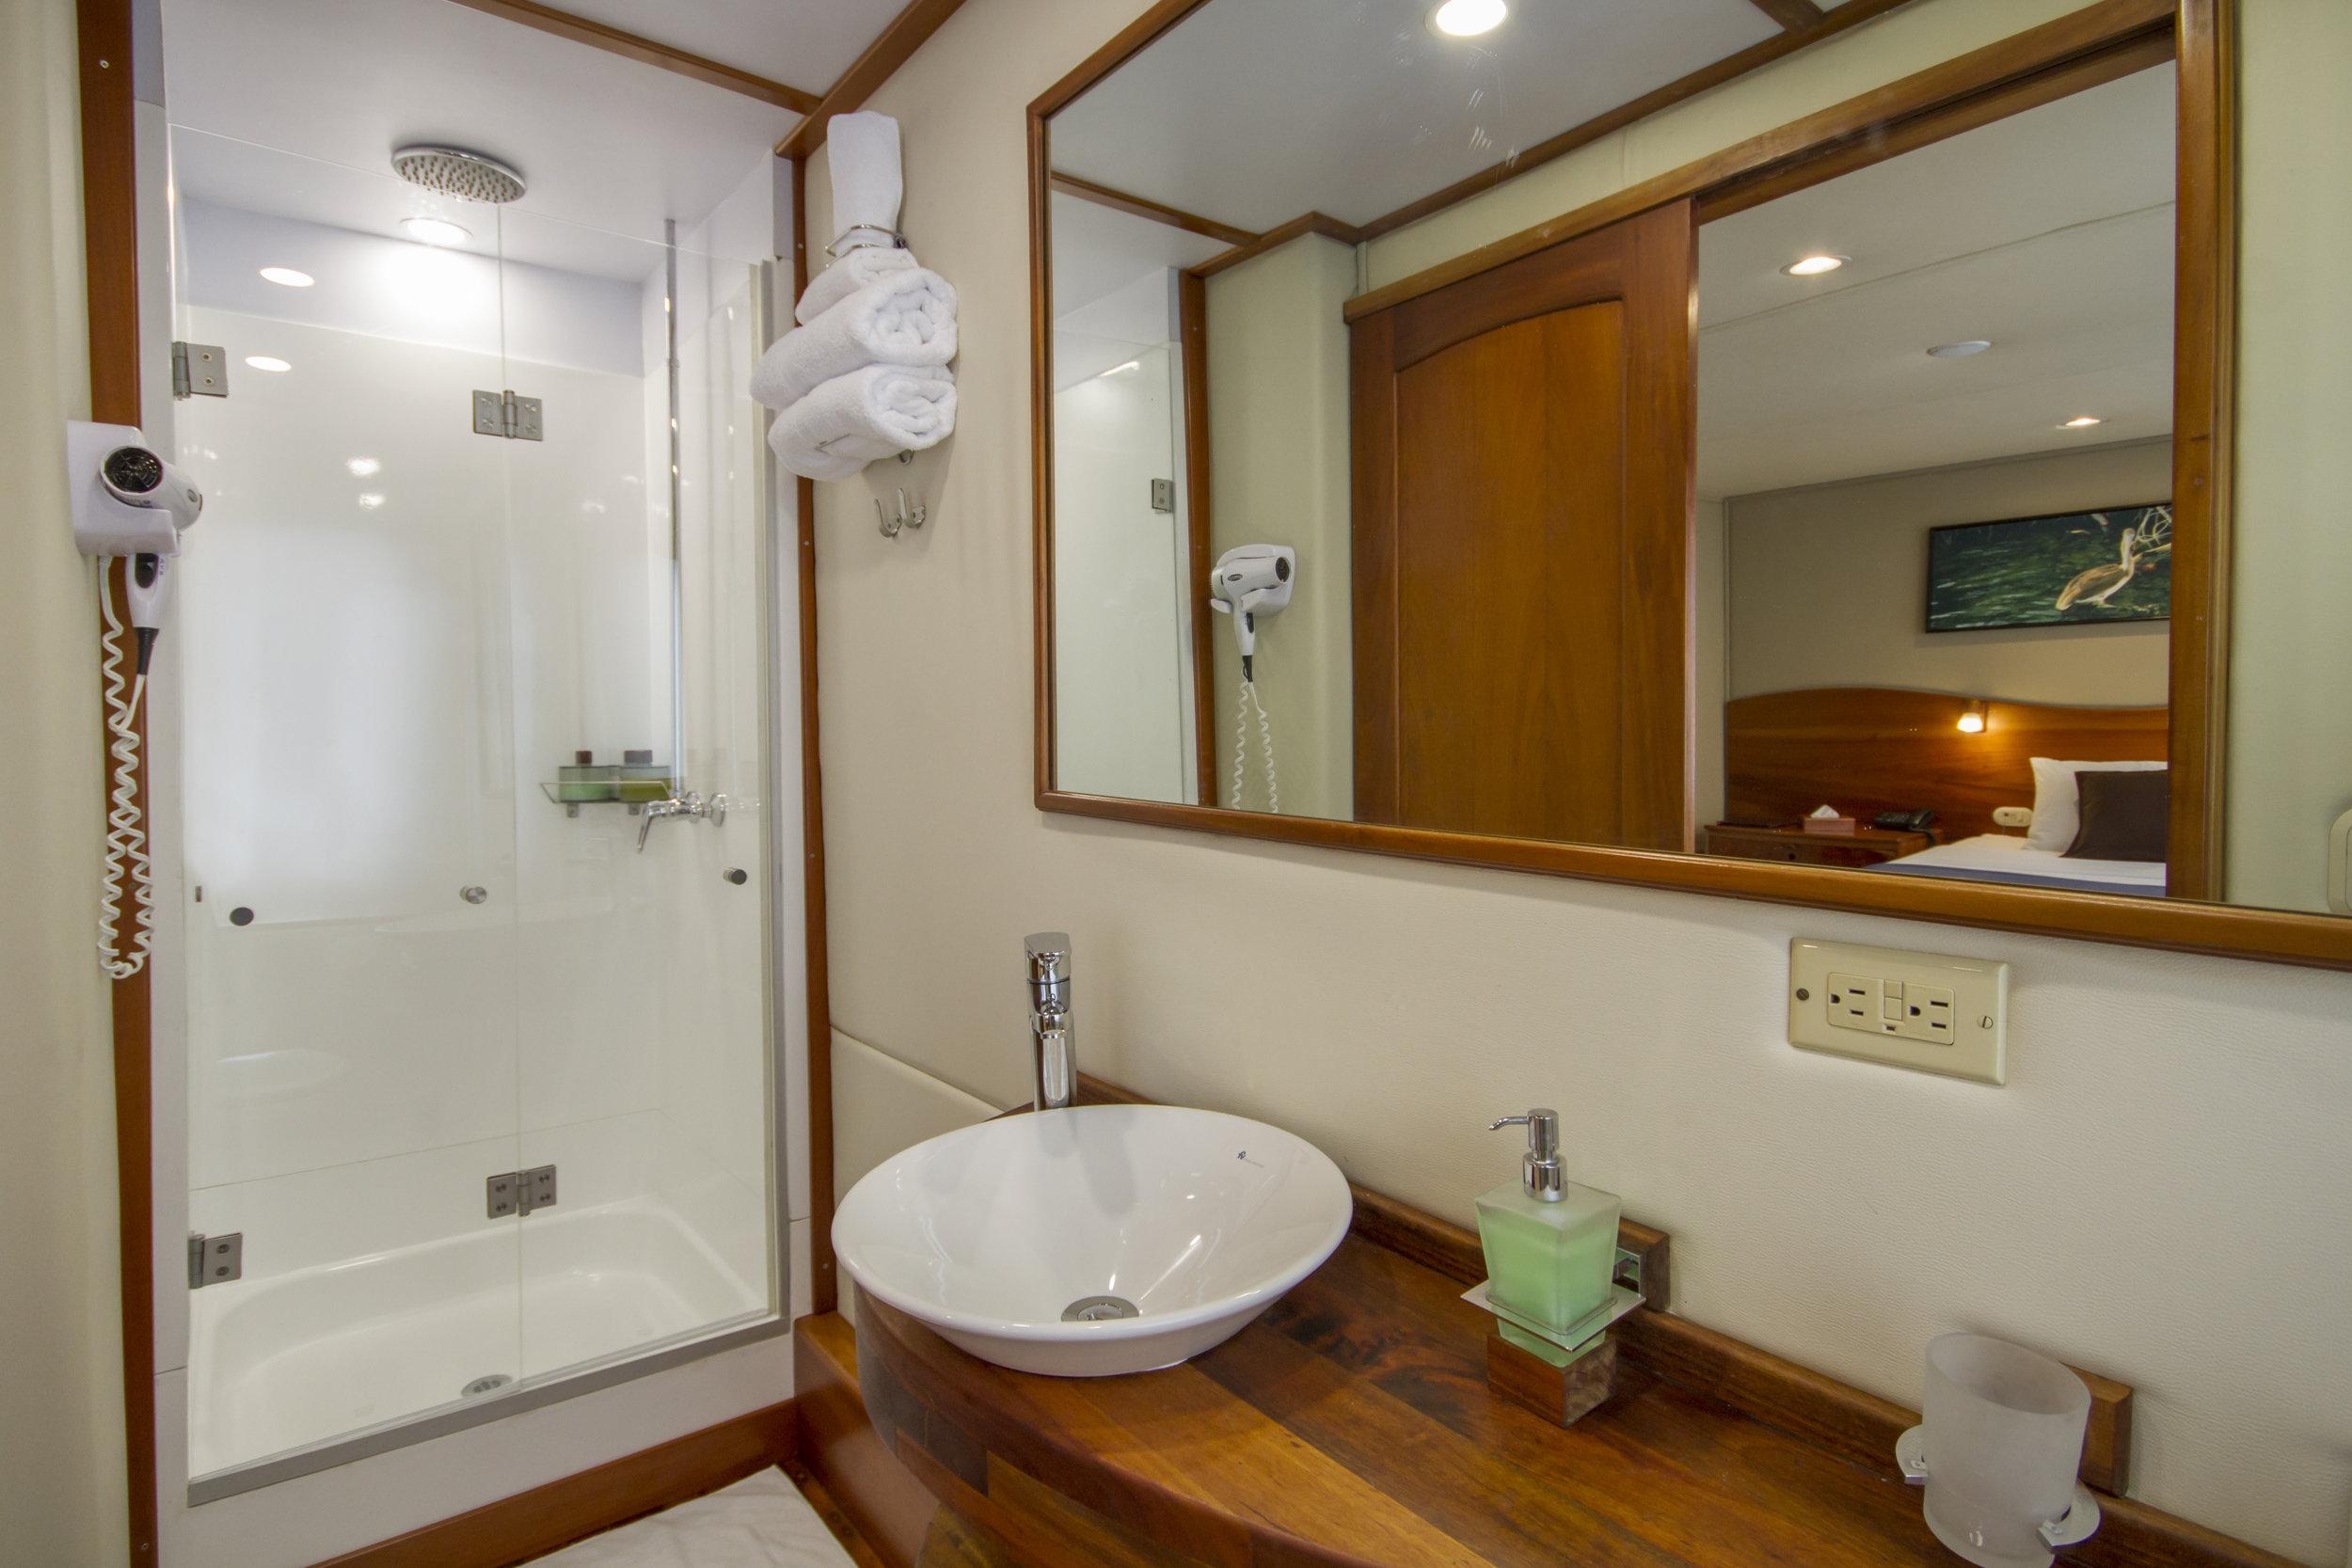 Stateroom standard bathroom.jpg